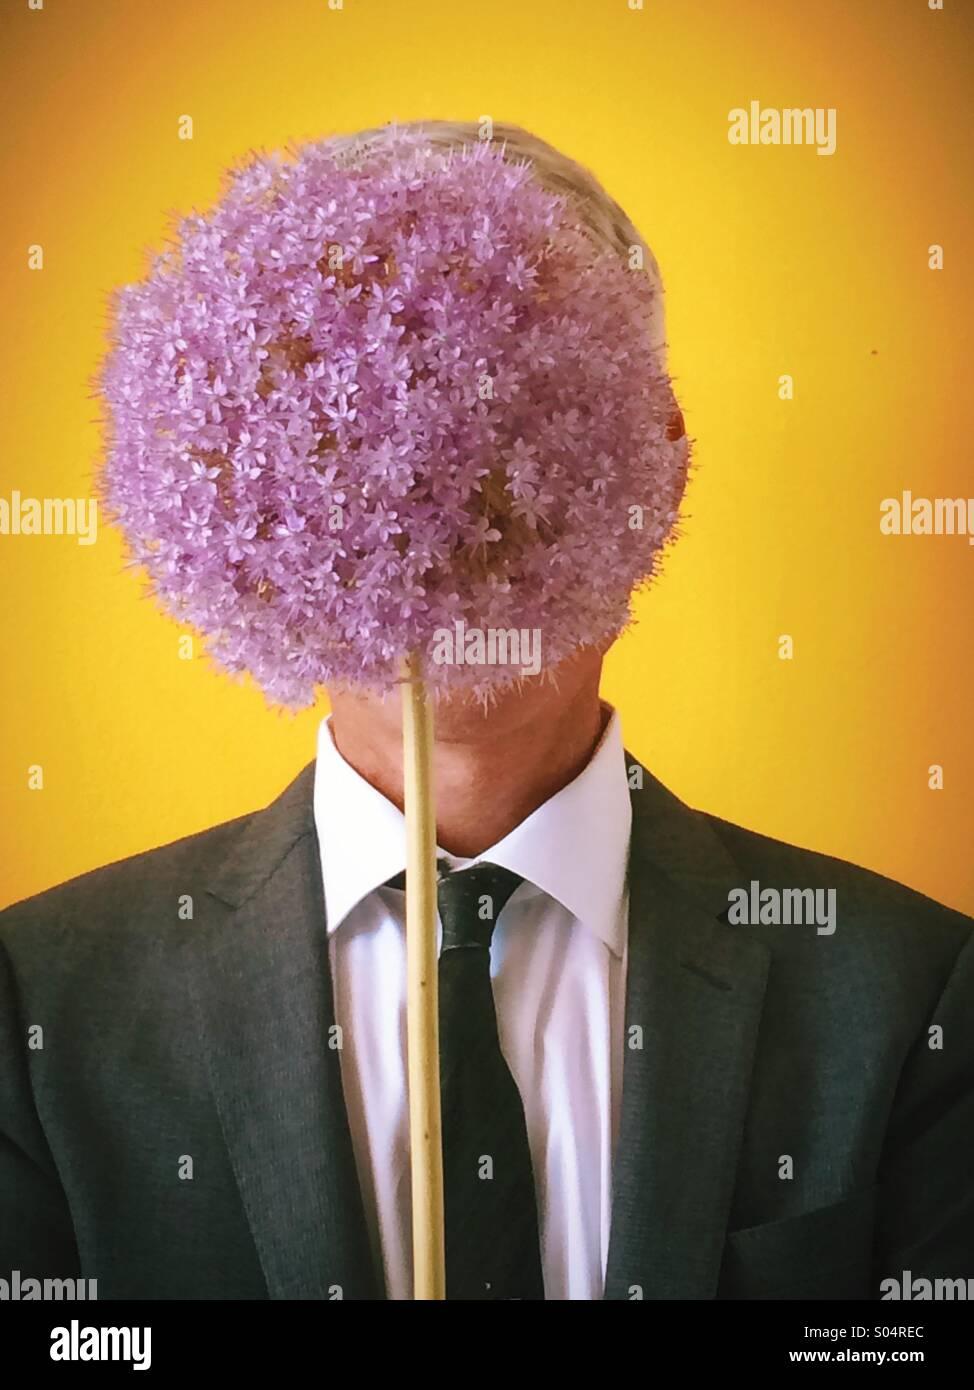 Alium flower hides mans face - Stock Image